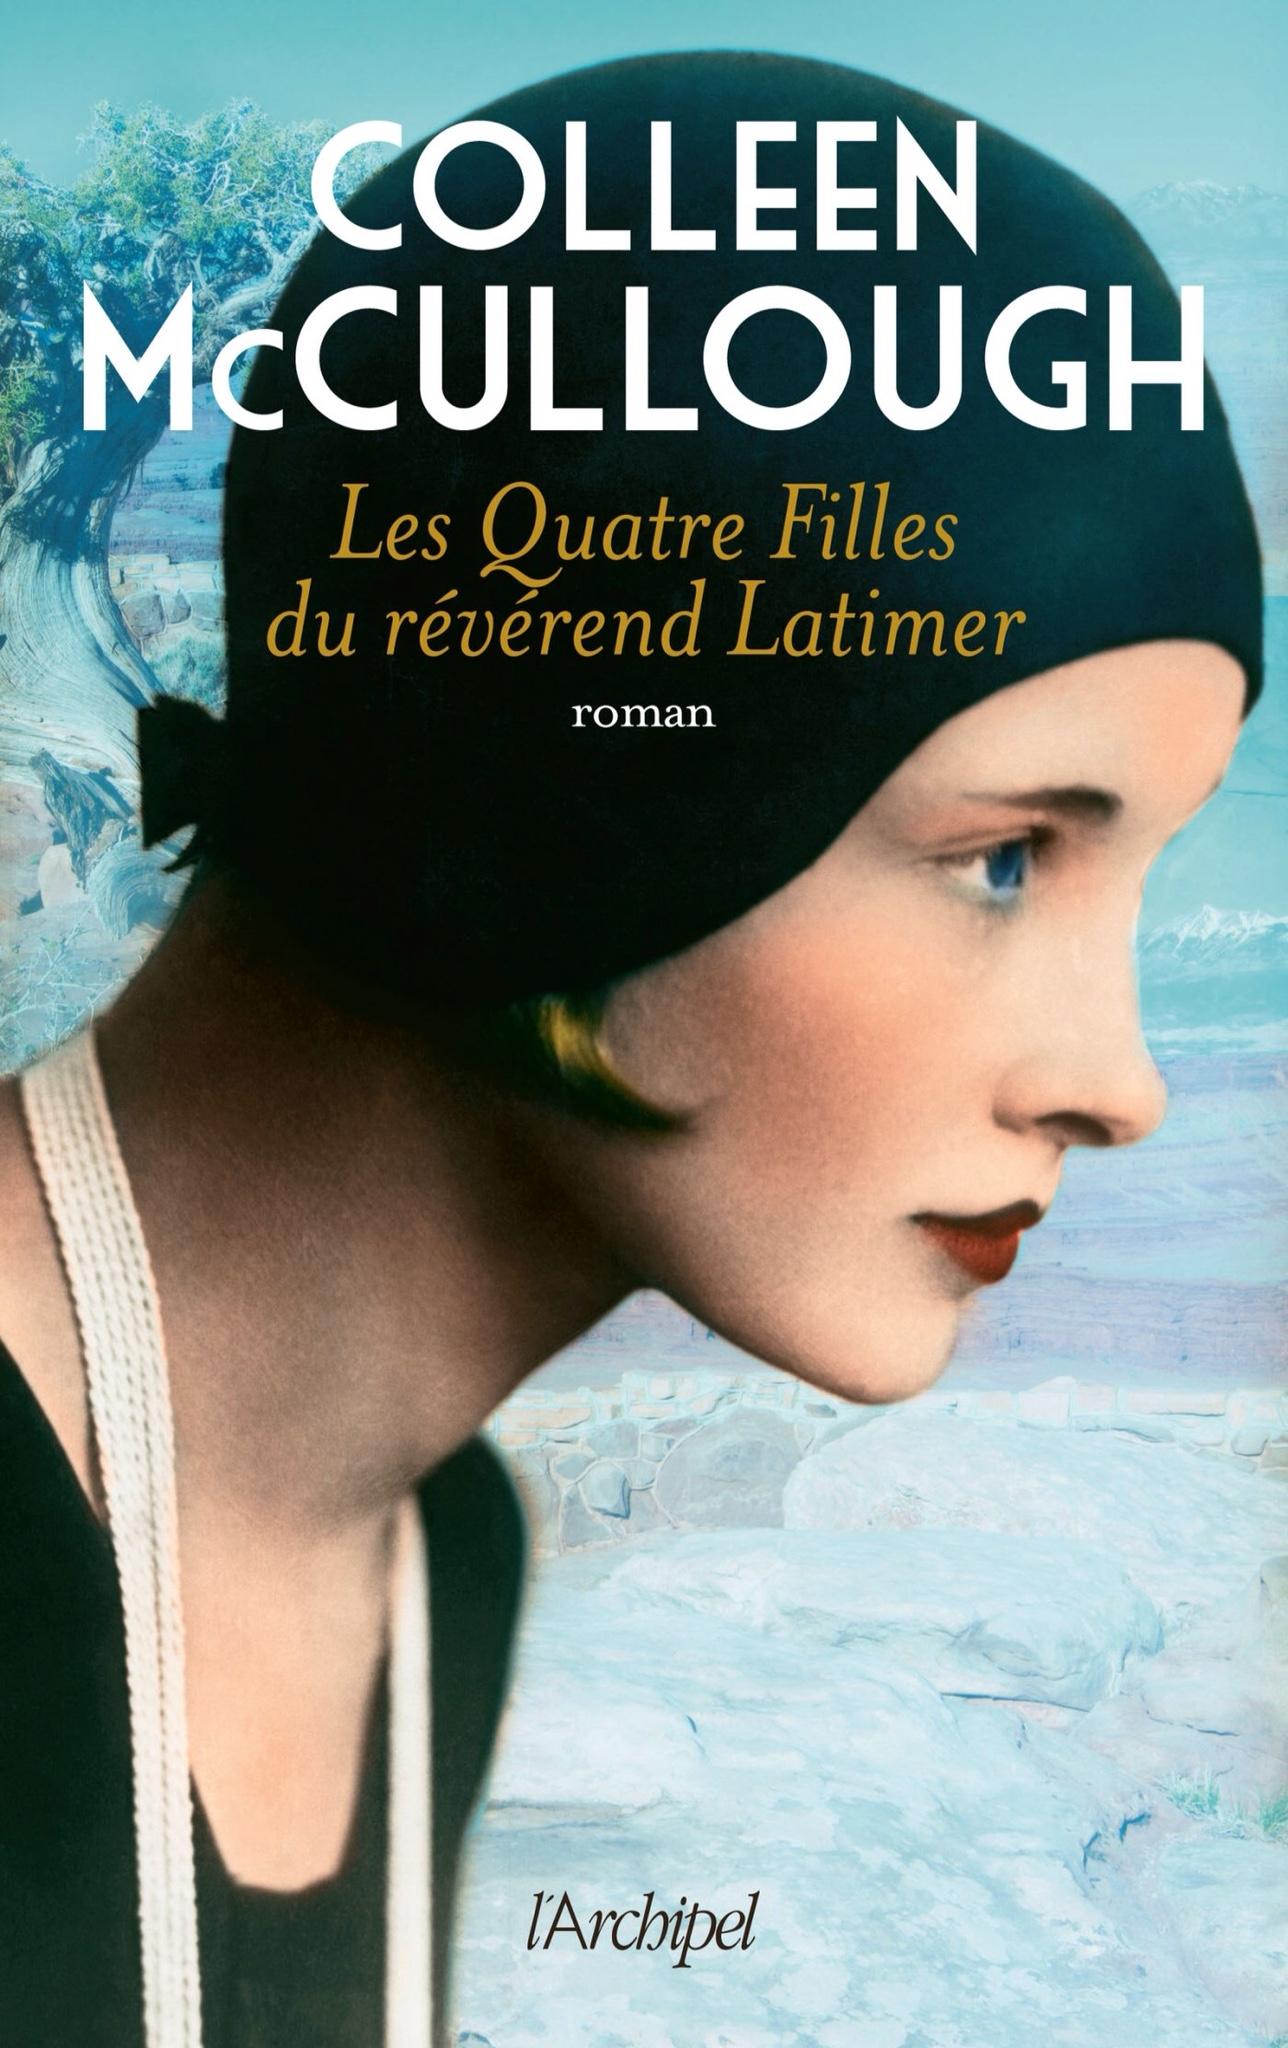 Les quatre filles du révérend Latimer de Colleen McCullough